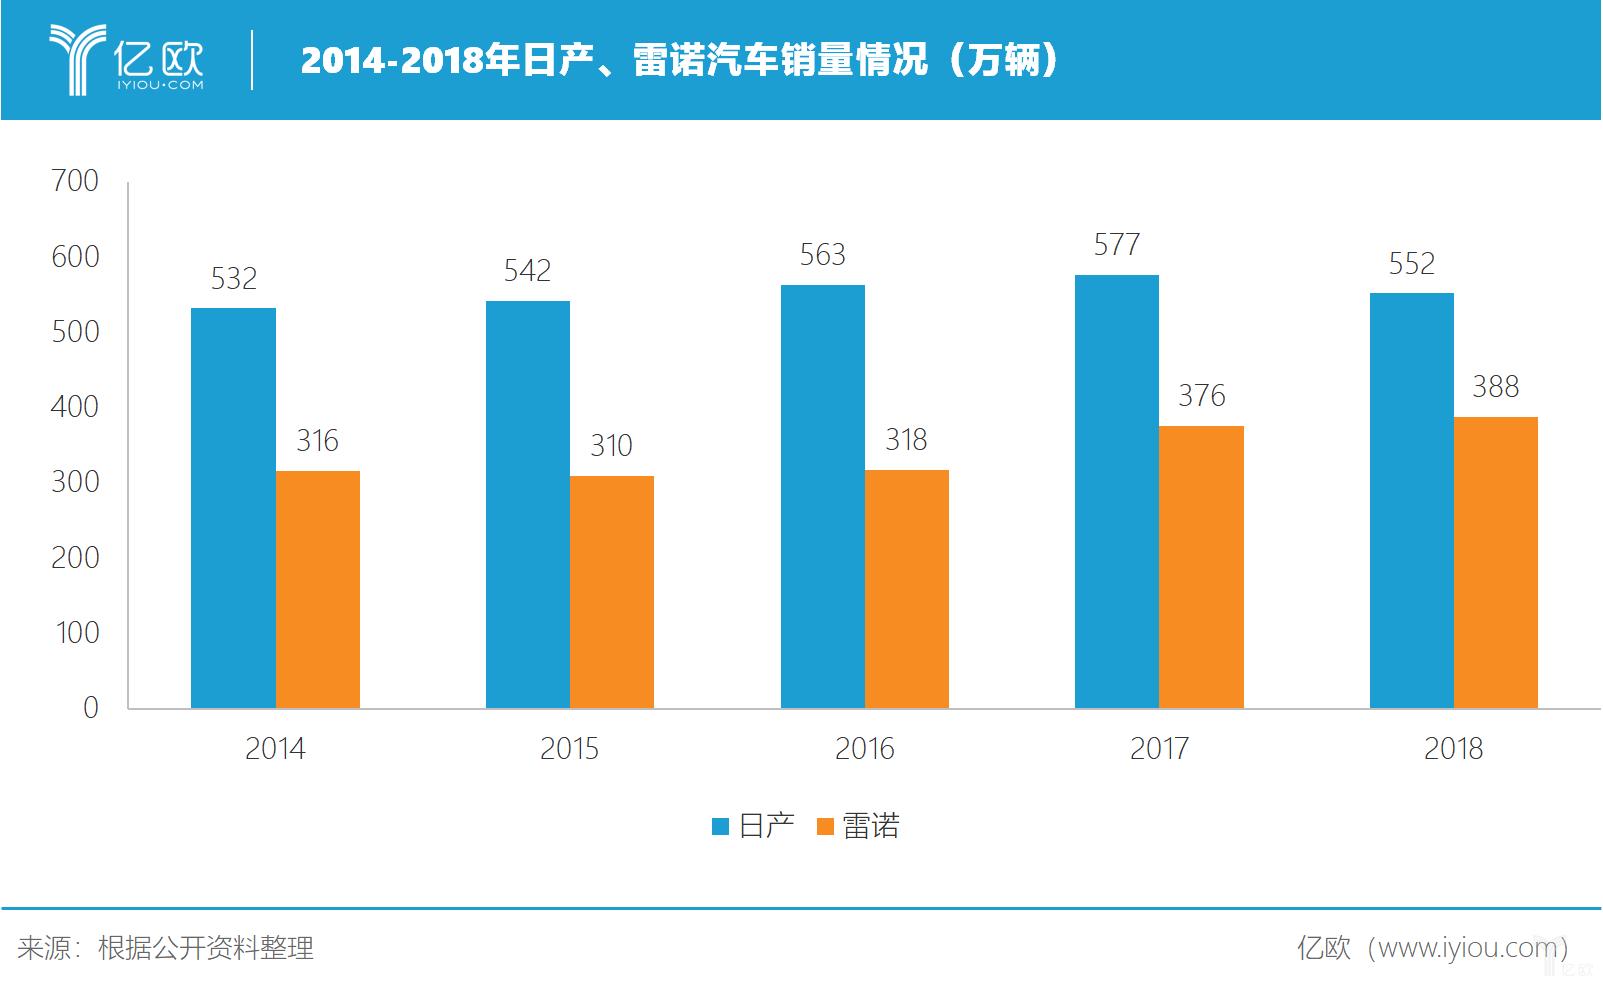 2014-2018年日产、雷诺汽车销量情况(万辆)